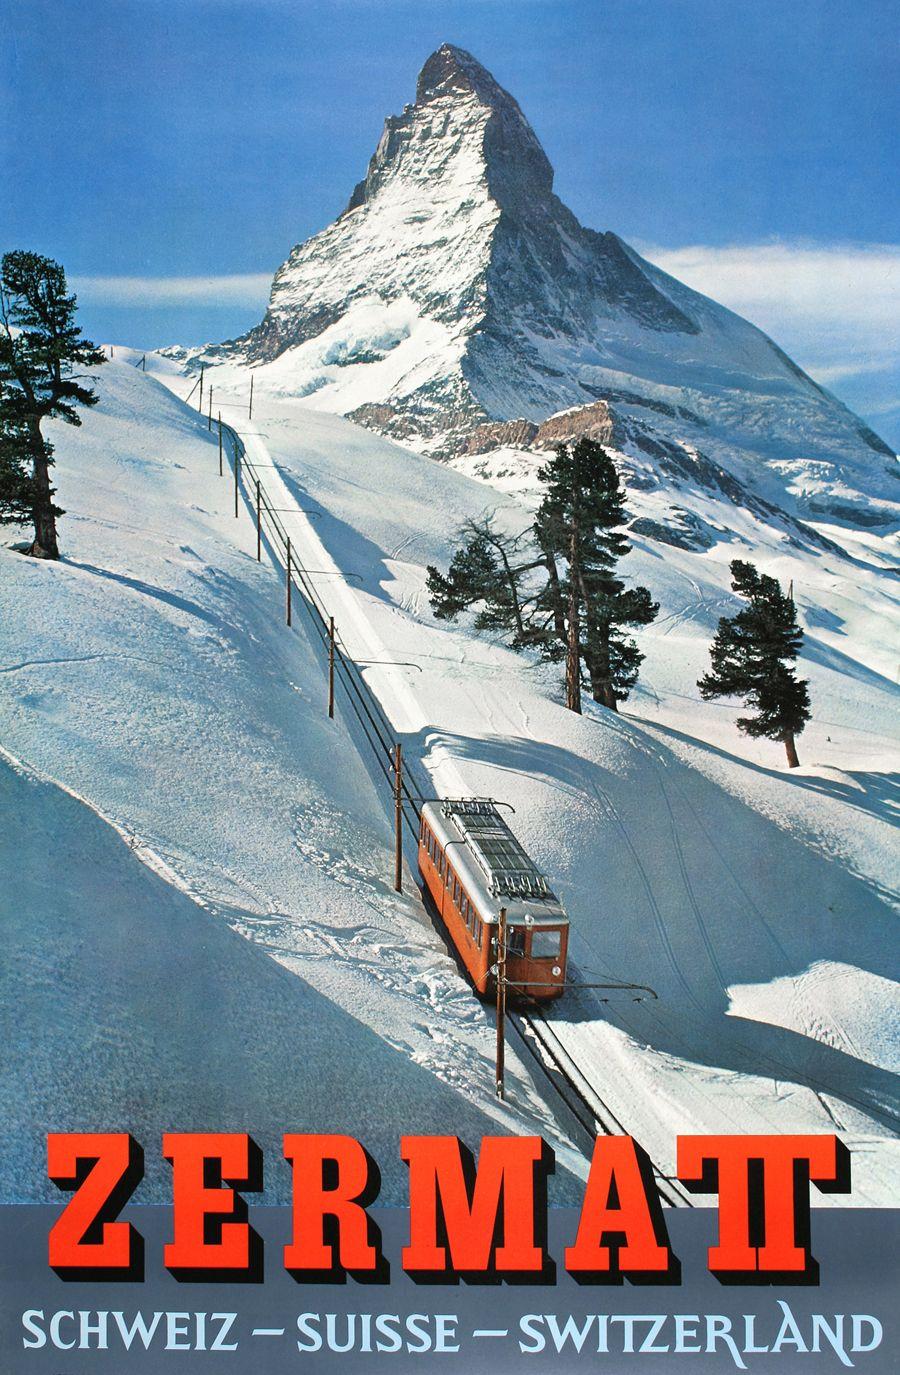 Zermatt Switzerland Vintage Travel Poster Travel Posters Vintage Ski Posters Vintage Travel Posters